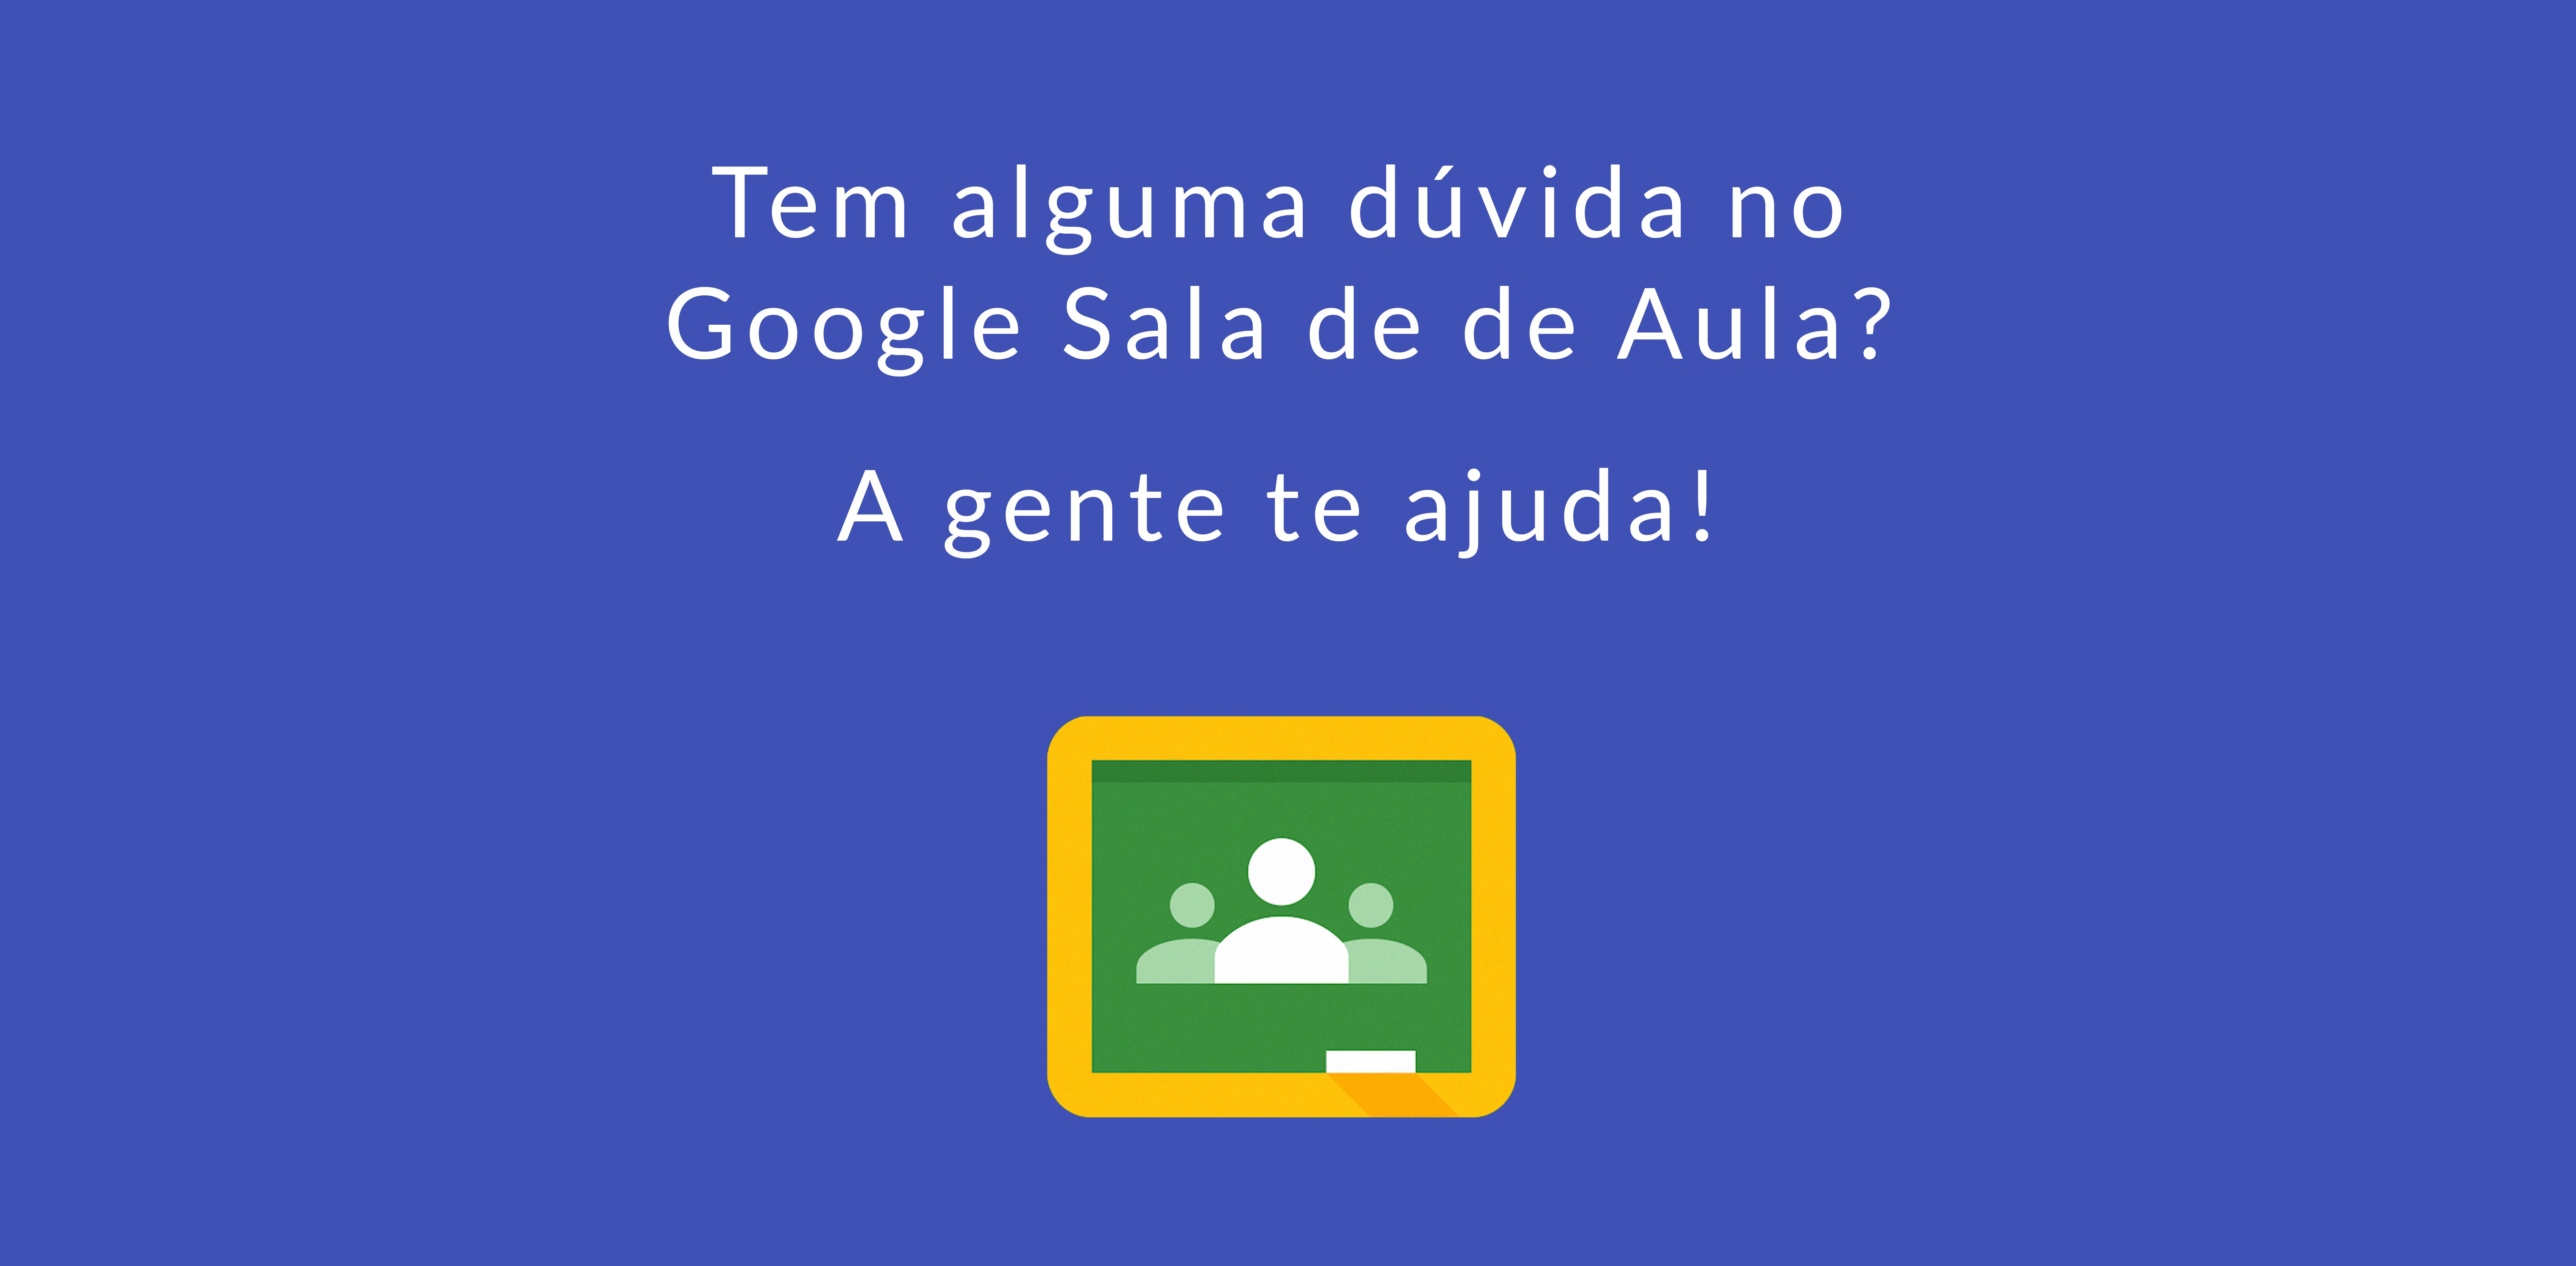 Atendimento imediato sobre o Google Sala de Aula